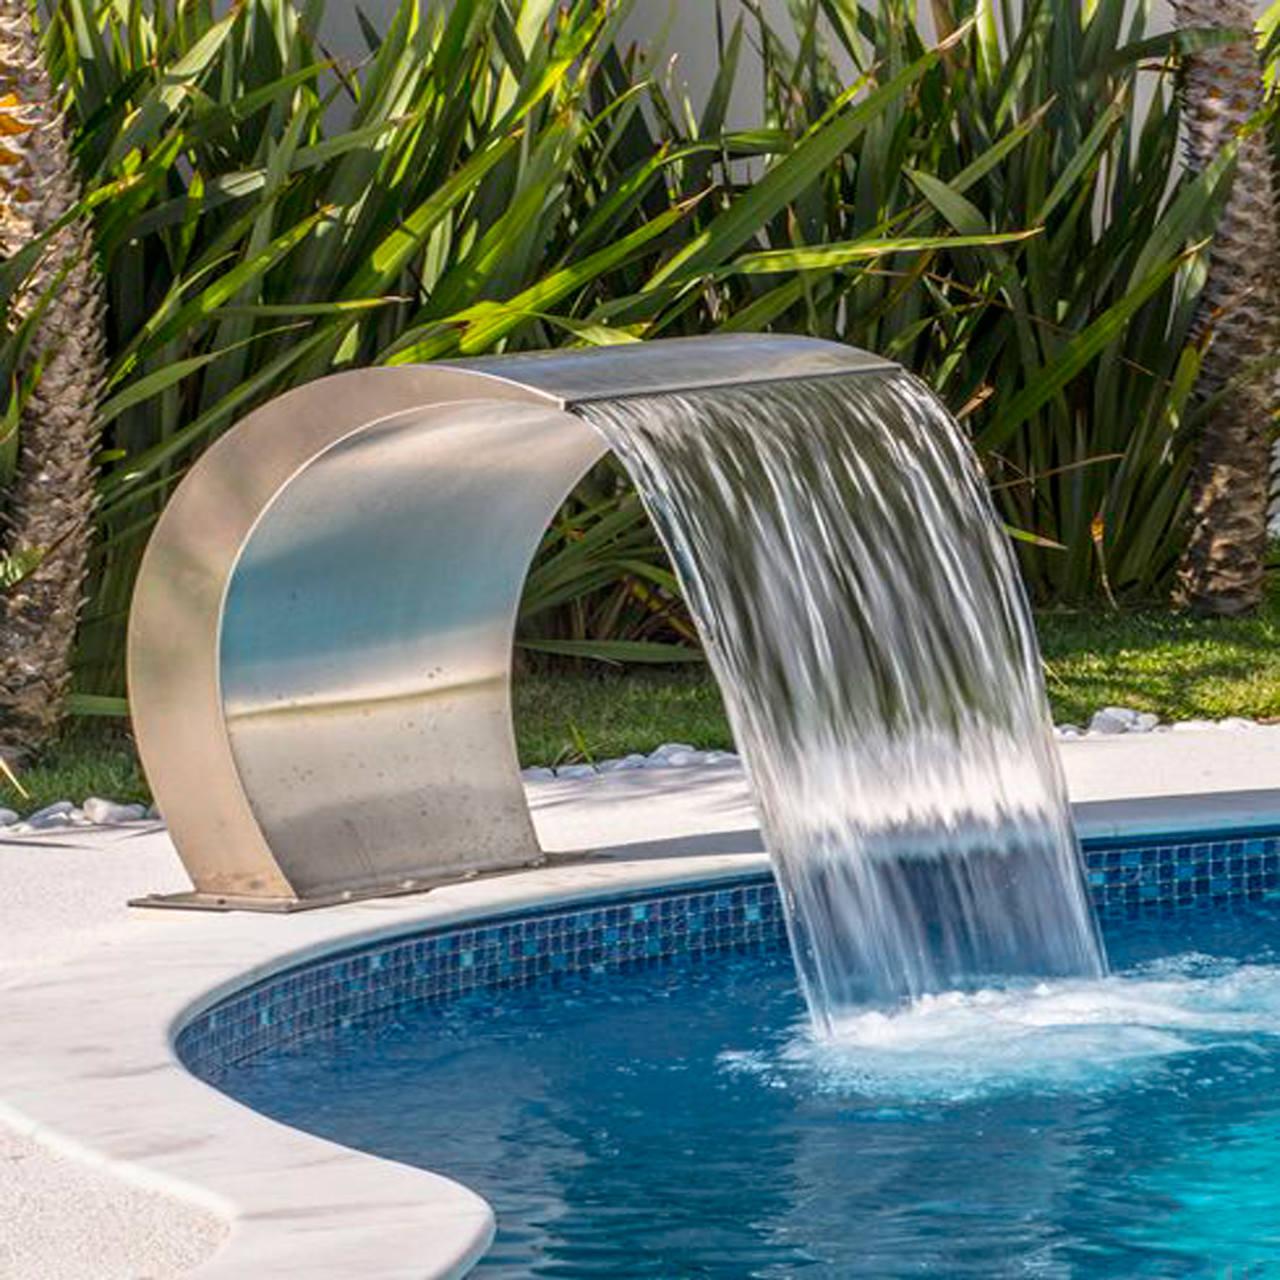 Cascata para piscina em Aço inox Victória